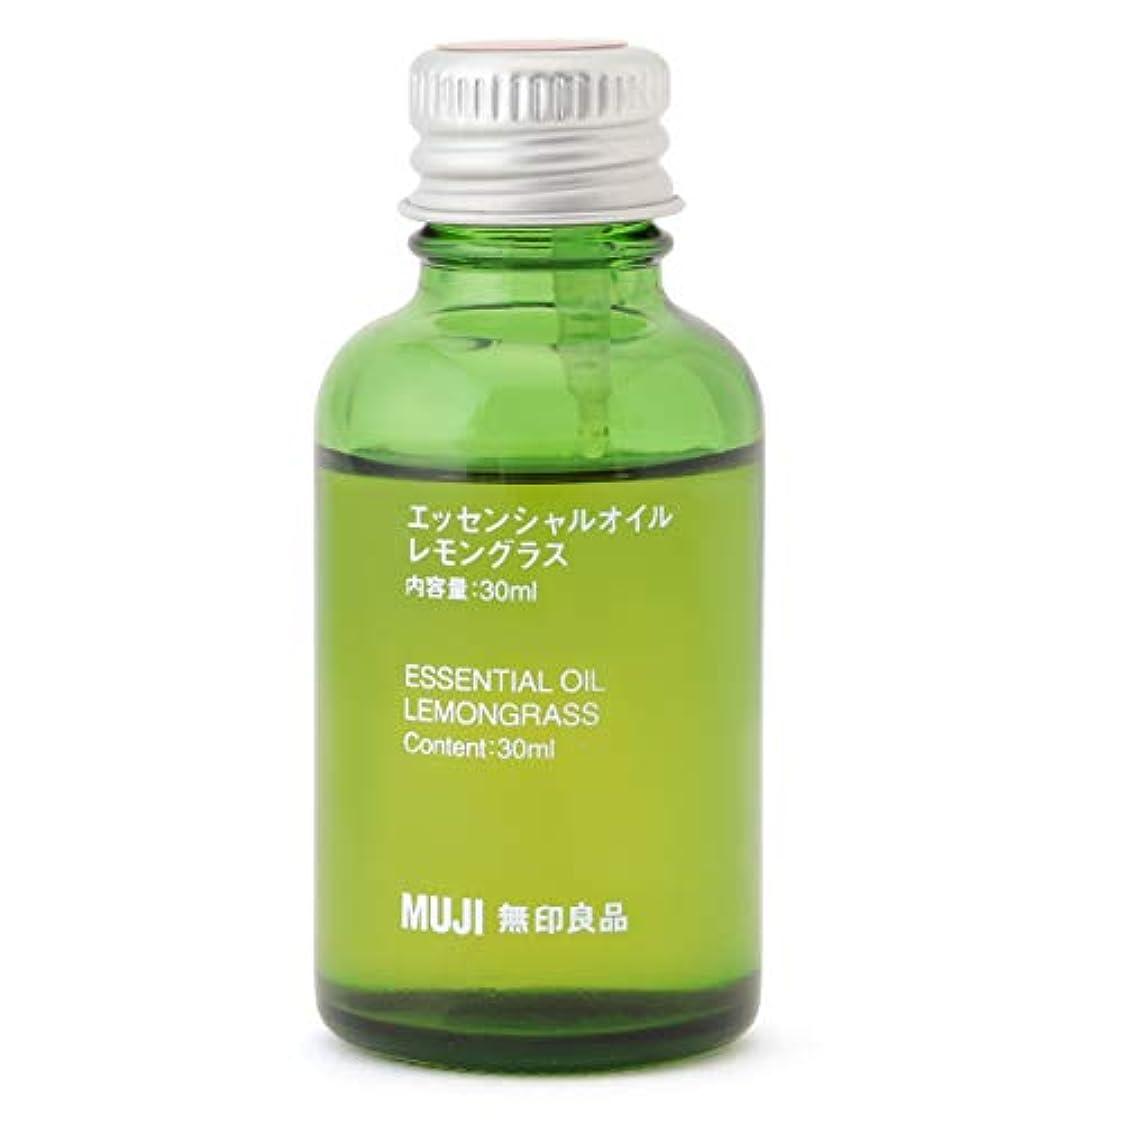 証言エレメンタル羨望【無印良品】エッセンシャルオイル30ml(レモングラス)